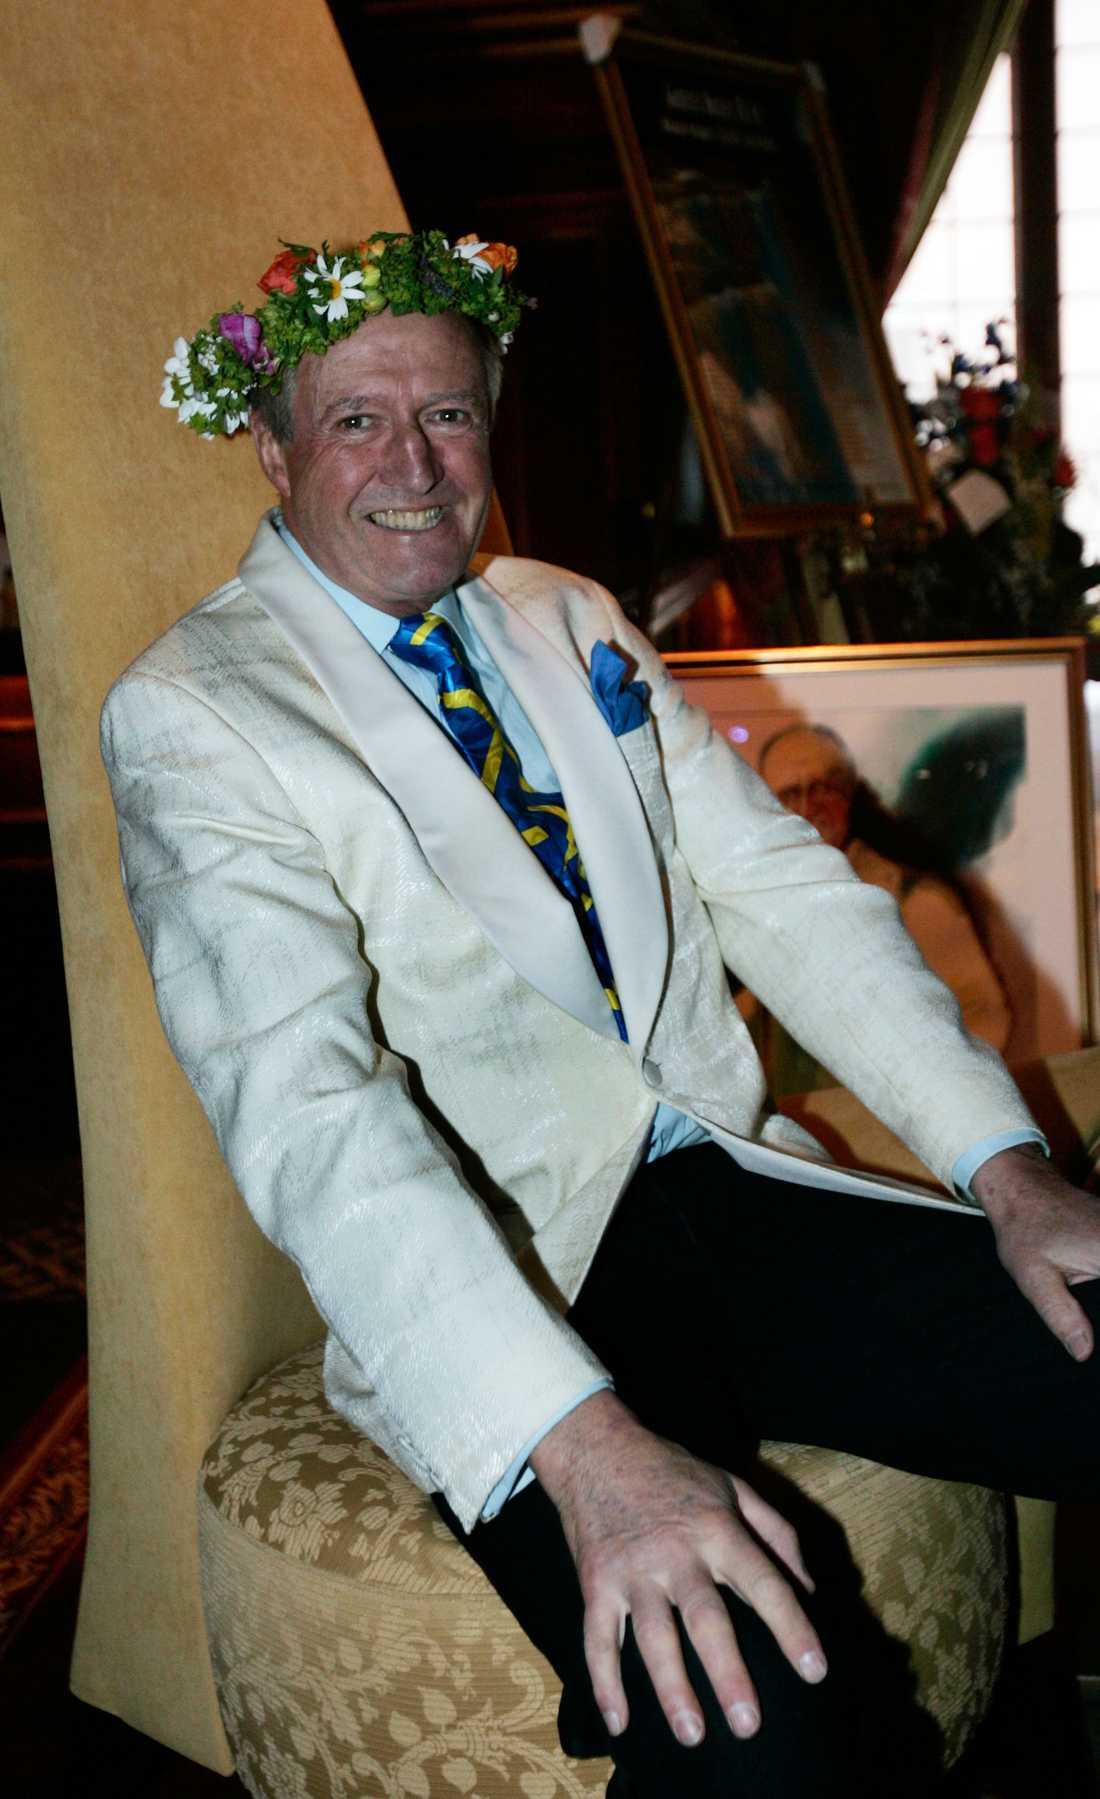 Företaget Wallmans nöjen fyllde 50 år 2006. Hasse Wallman själv firade 70-årsdagen.